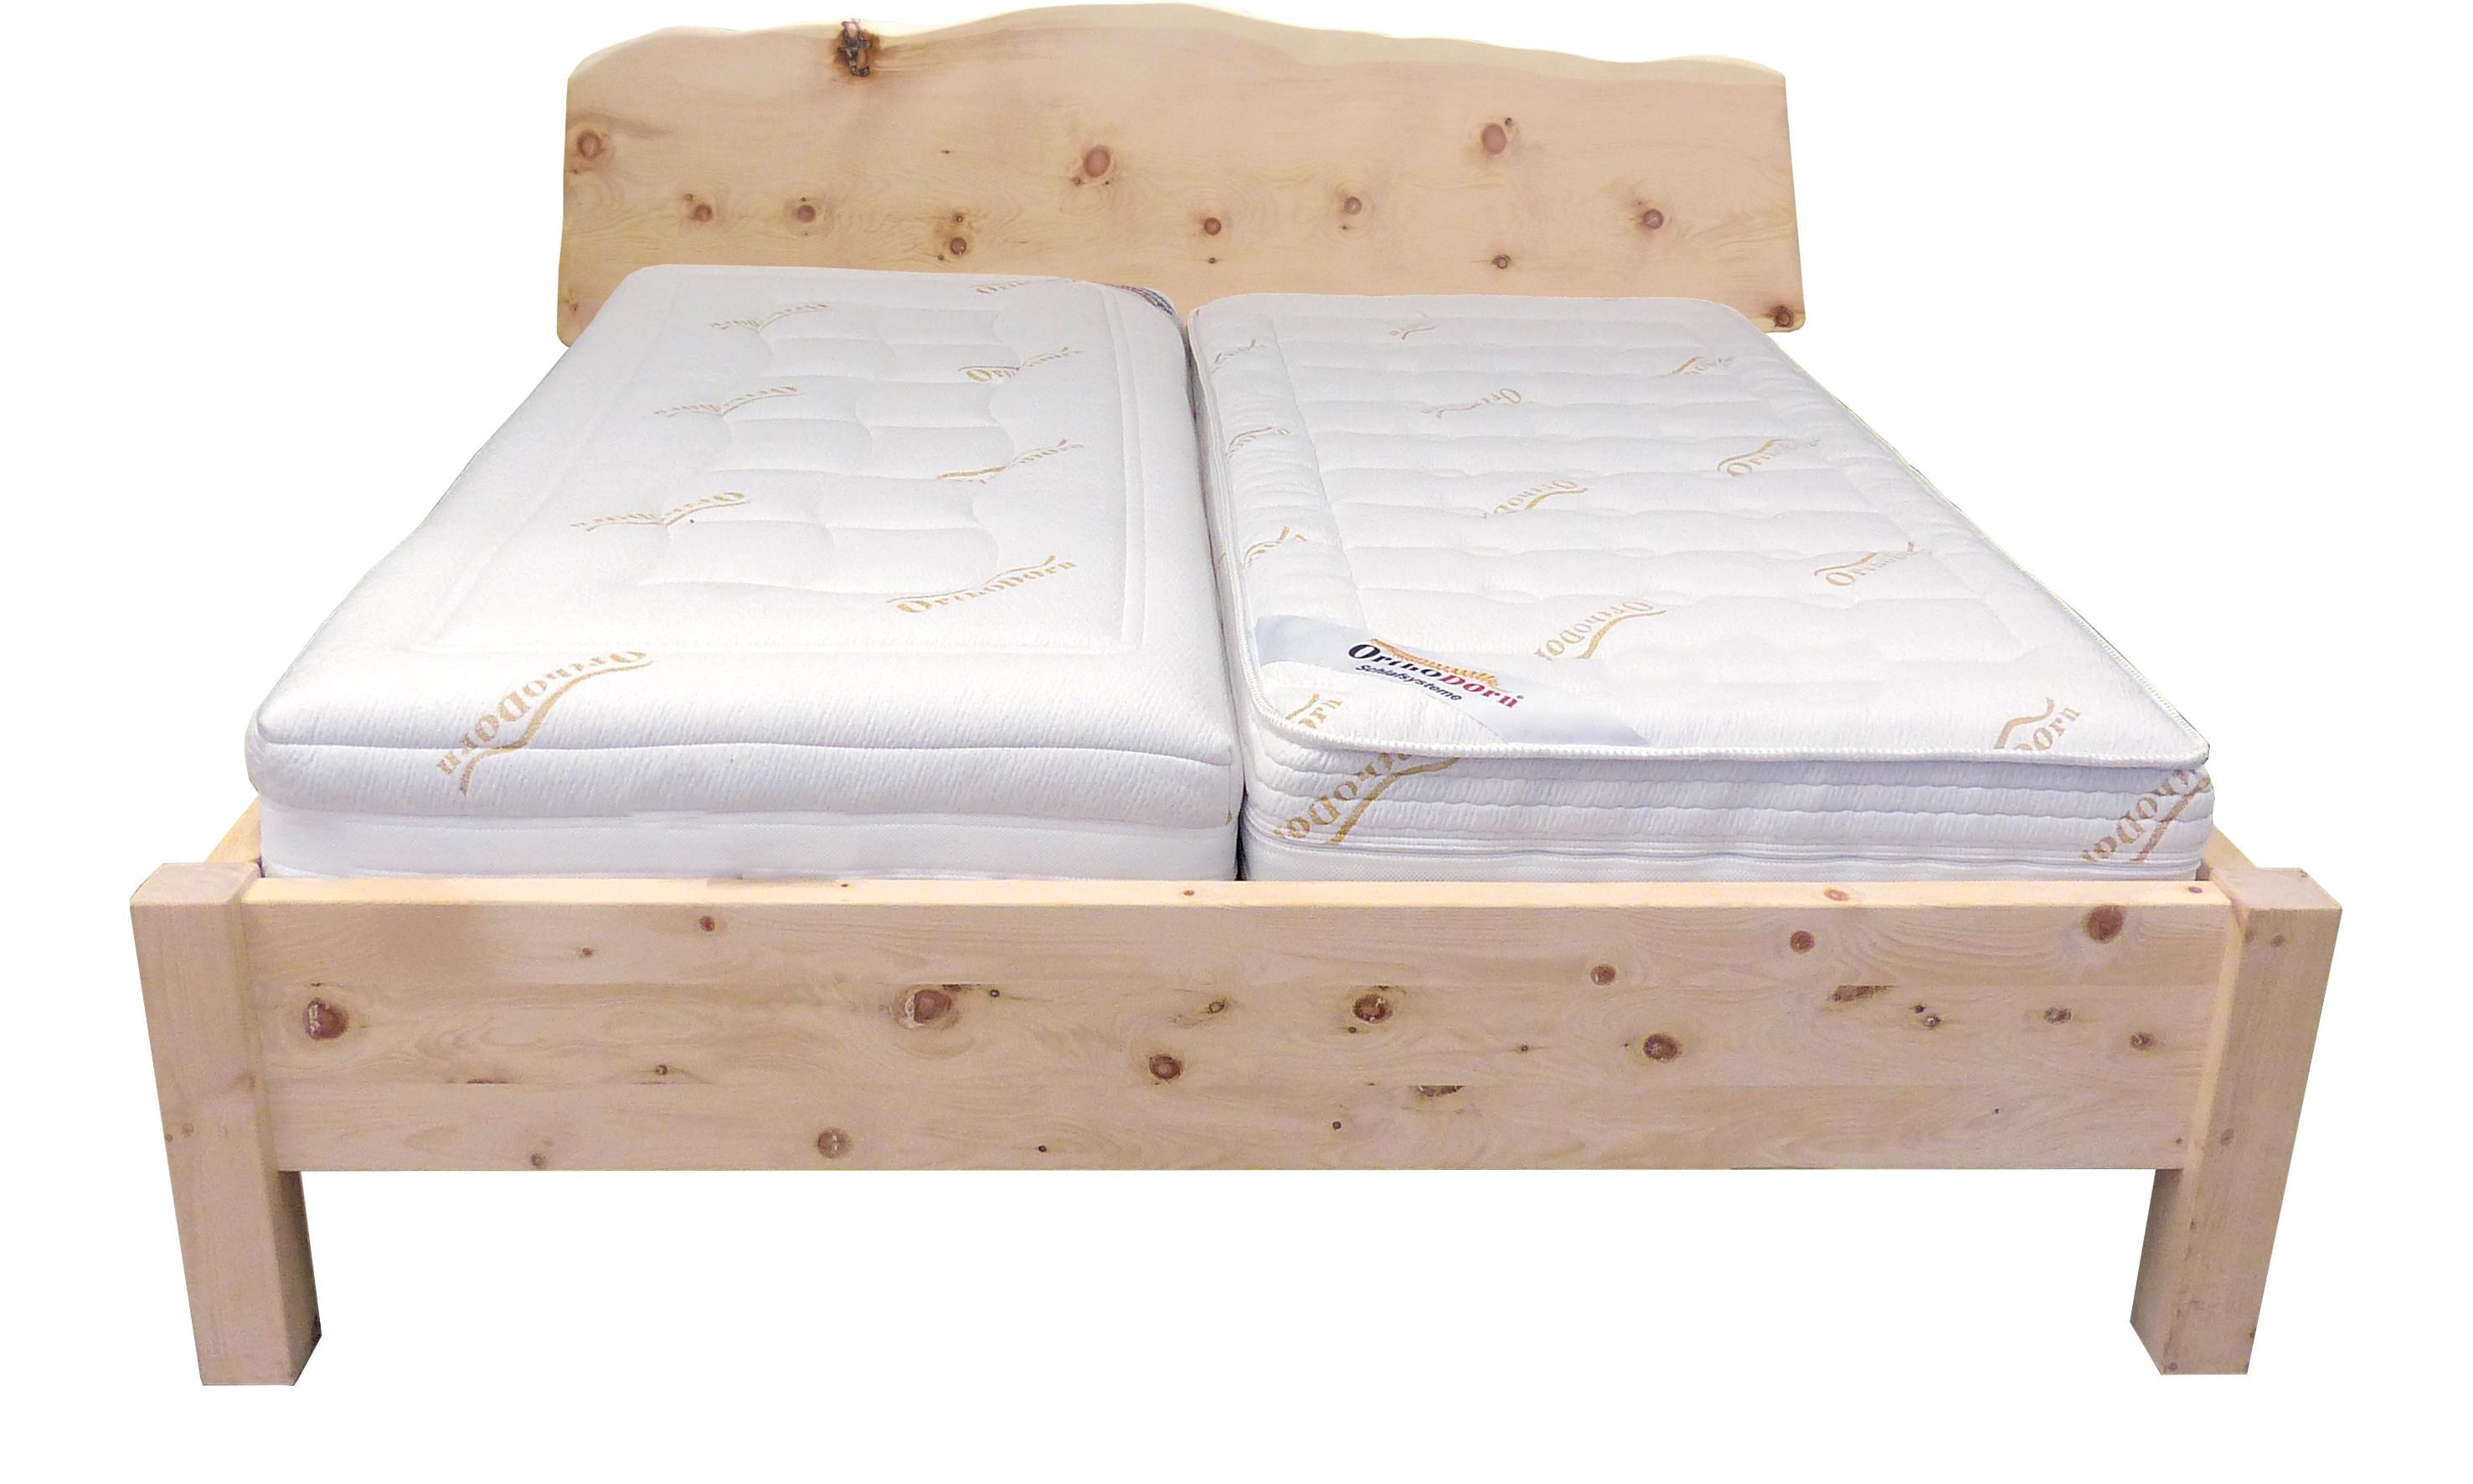 Breuss Dorn Shopde Orthodorn Bett Modell Zirbe Standard